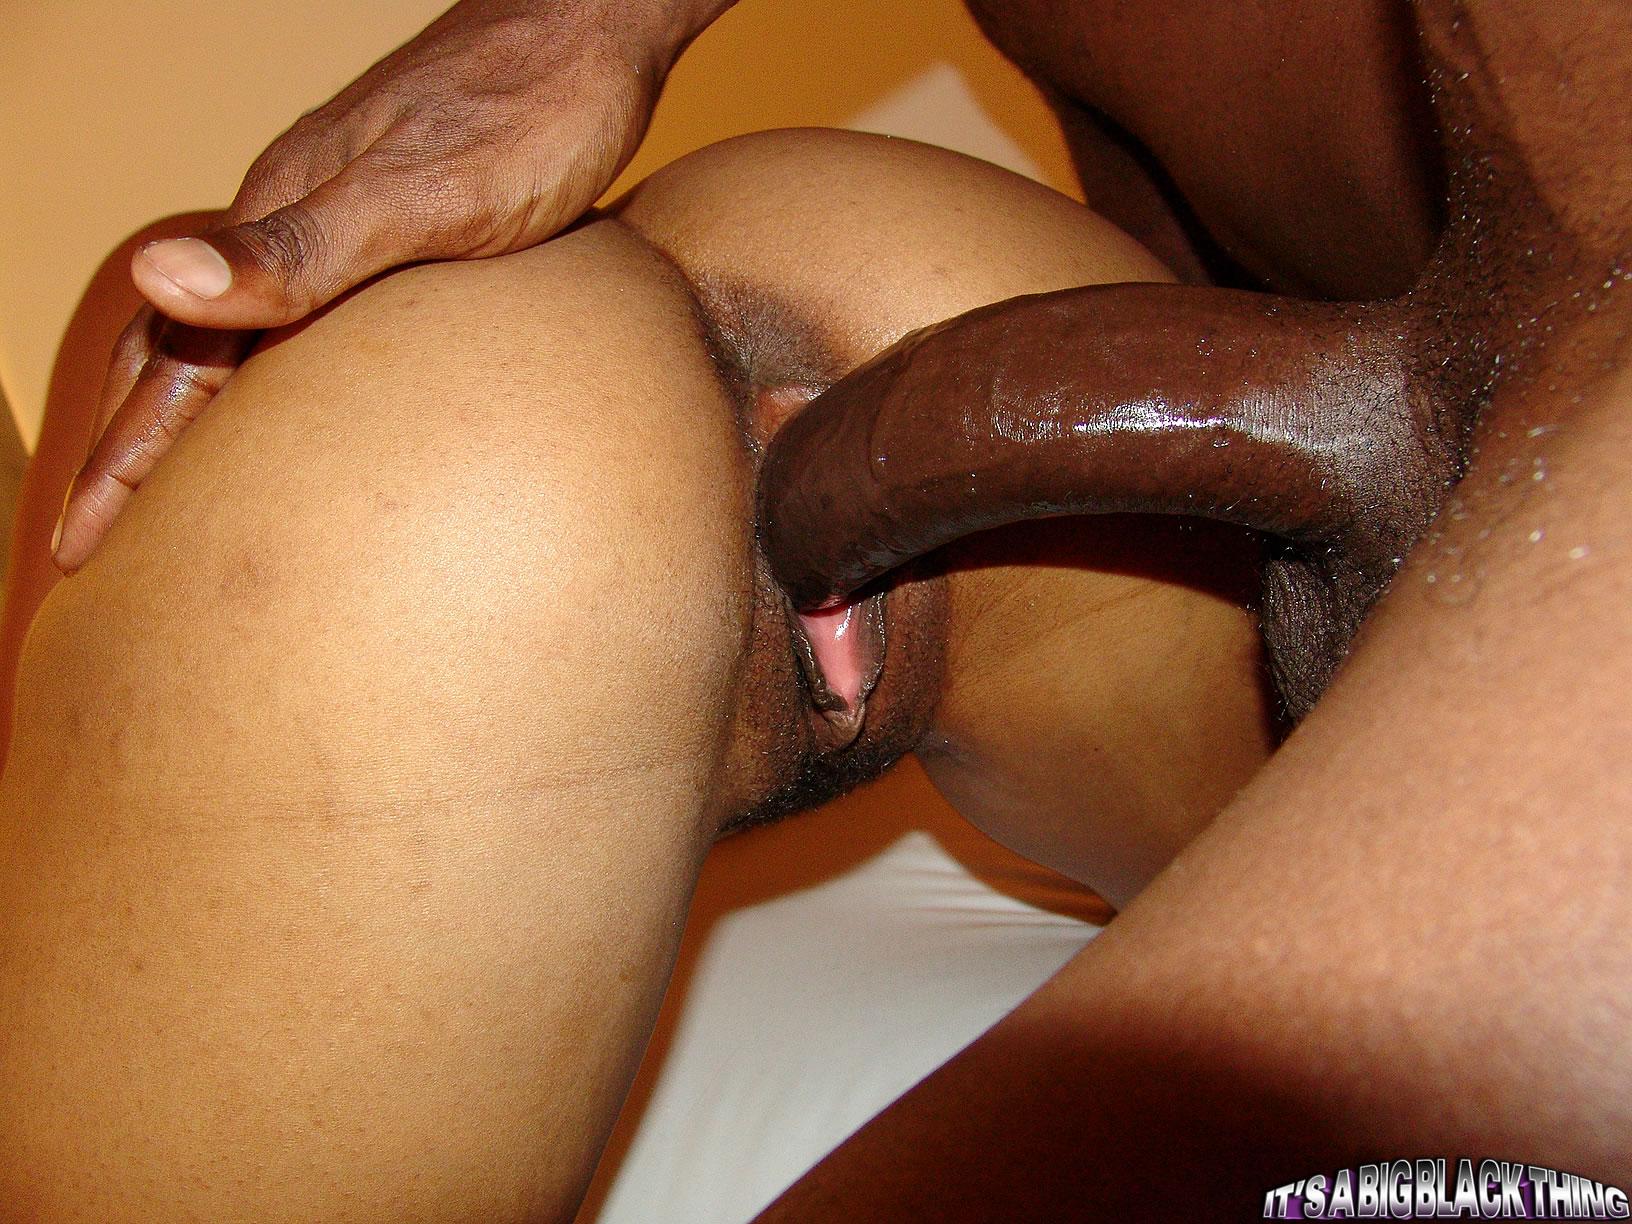 Смотреть нигерские порно 6 фотография